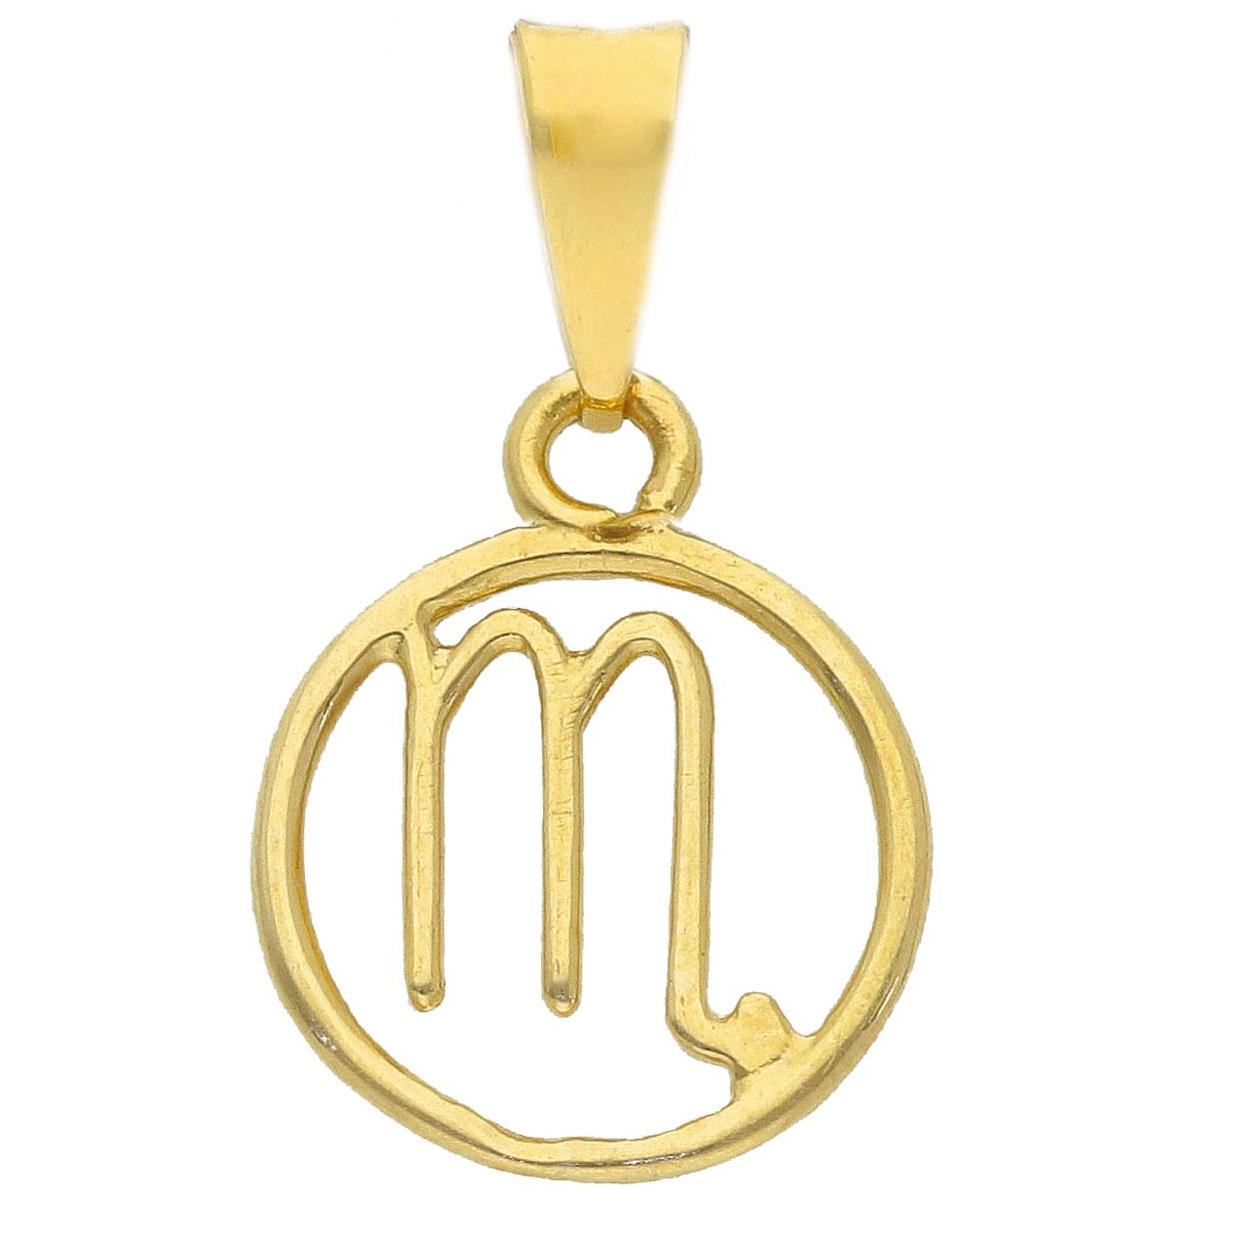 Ciondolo segno zodiacale Scorpione in oro giallo stilizzato